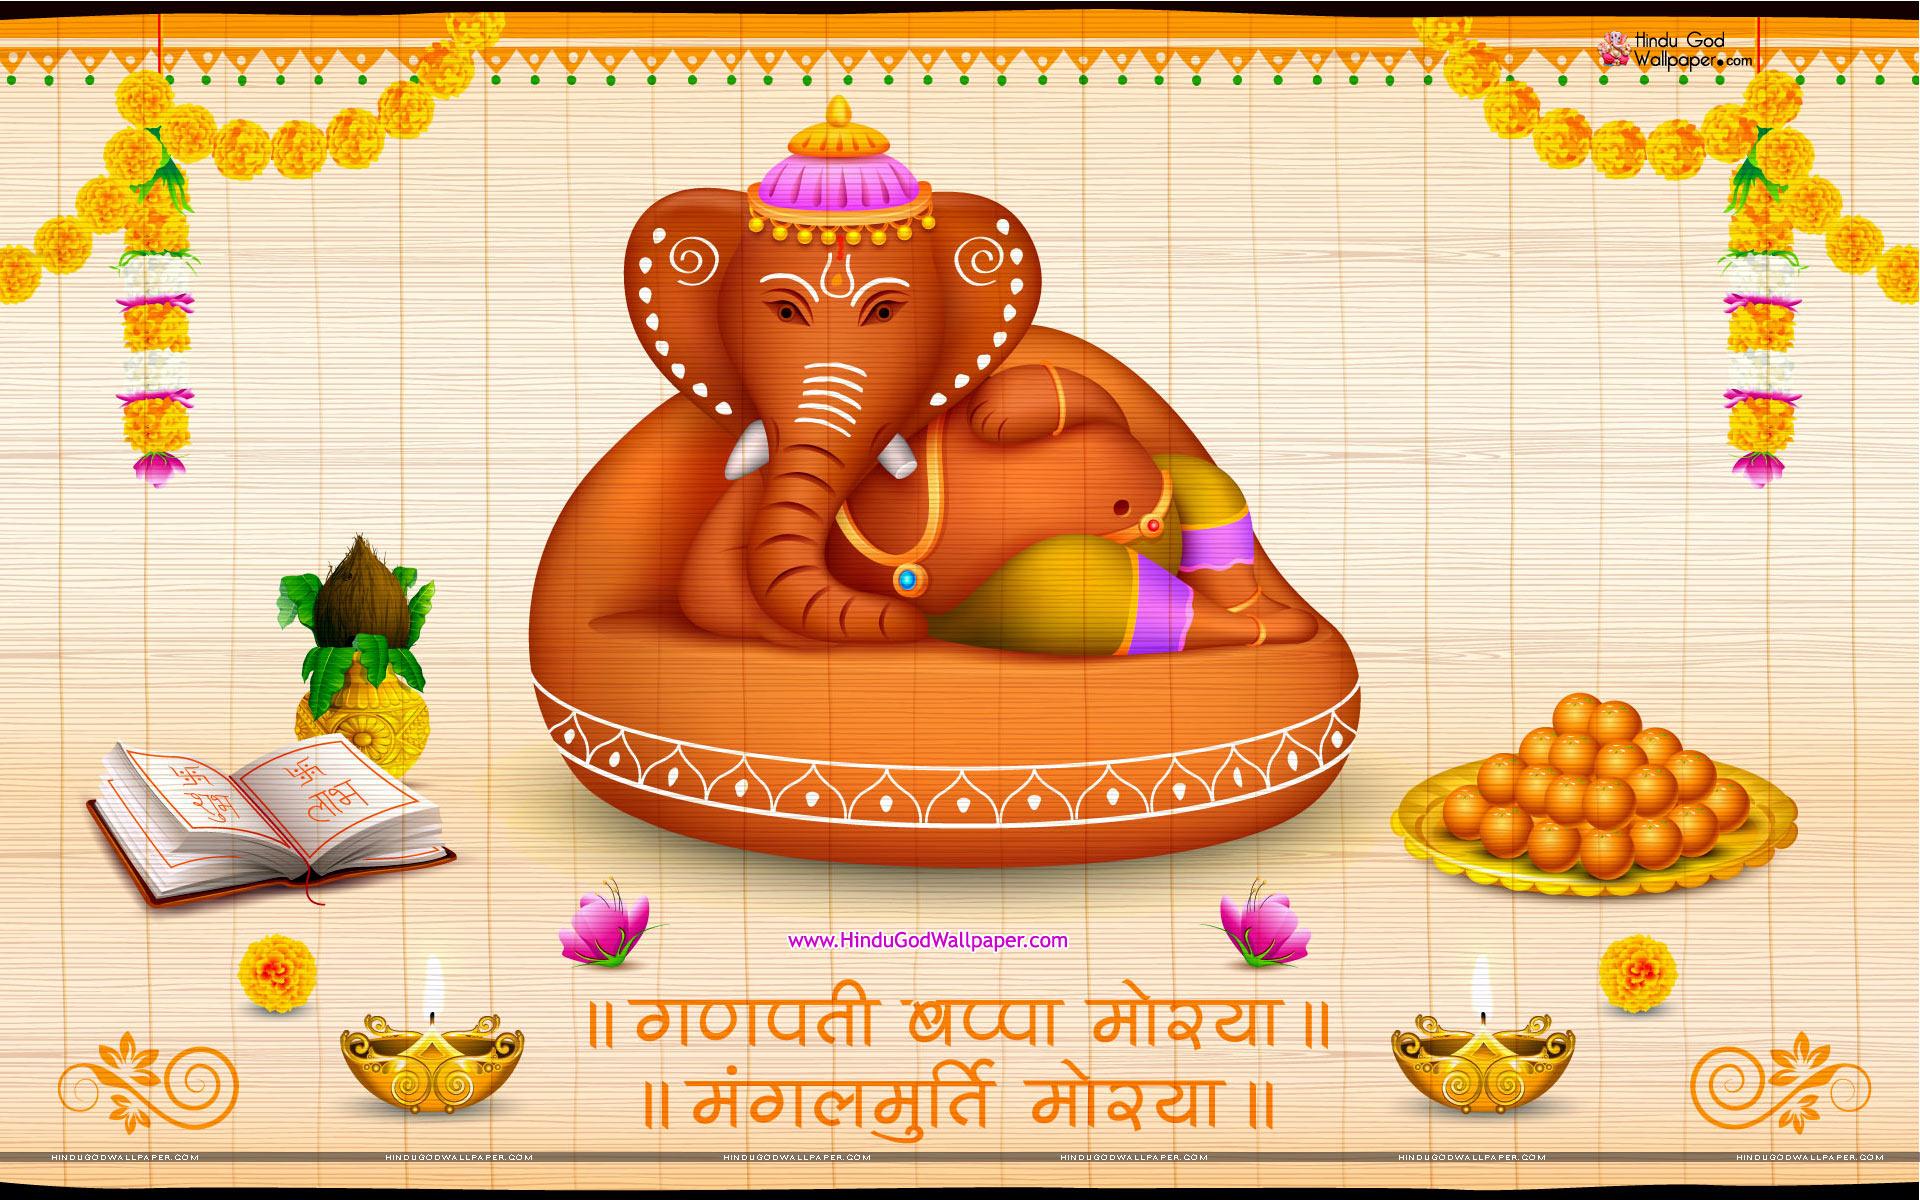 Lord Vinayagar Wallpapers Photos Hd Free Download